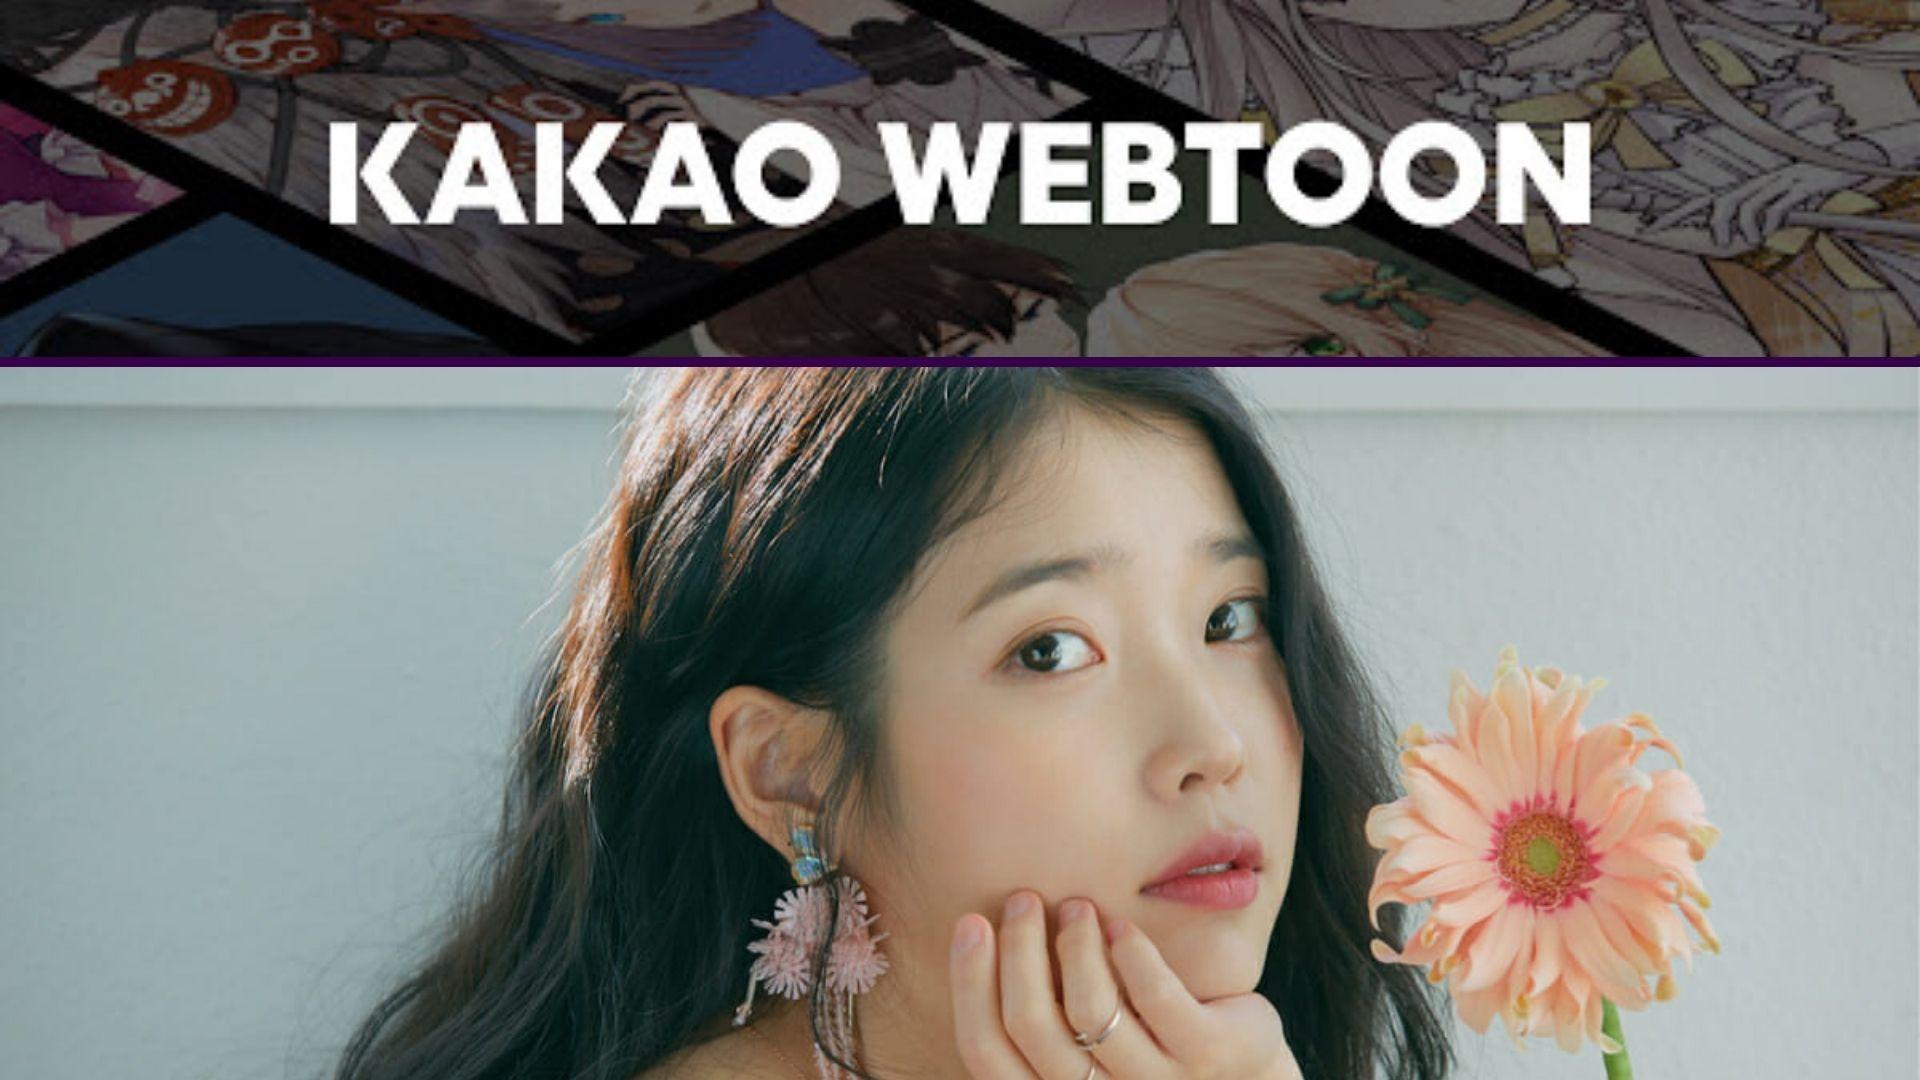 IU é a mais nova embaixadora global da Kakao Webtoon